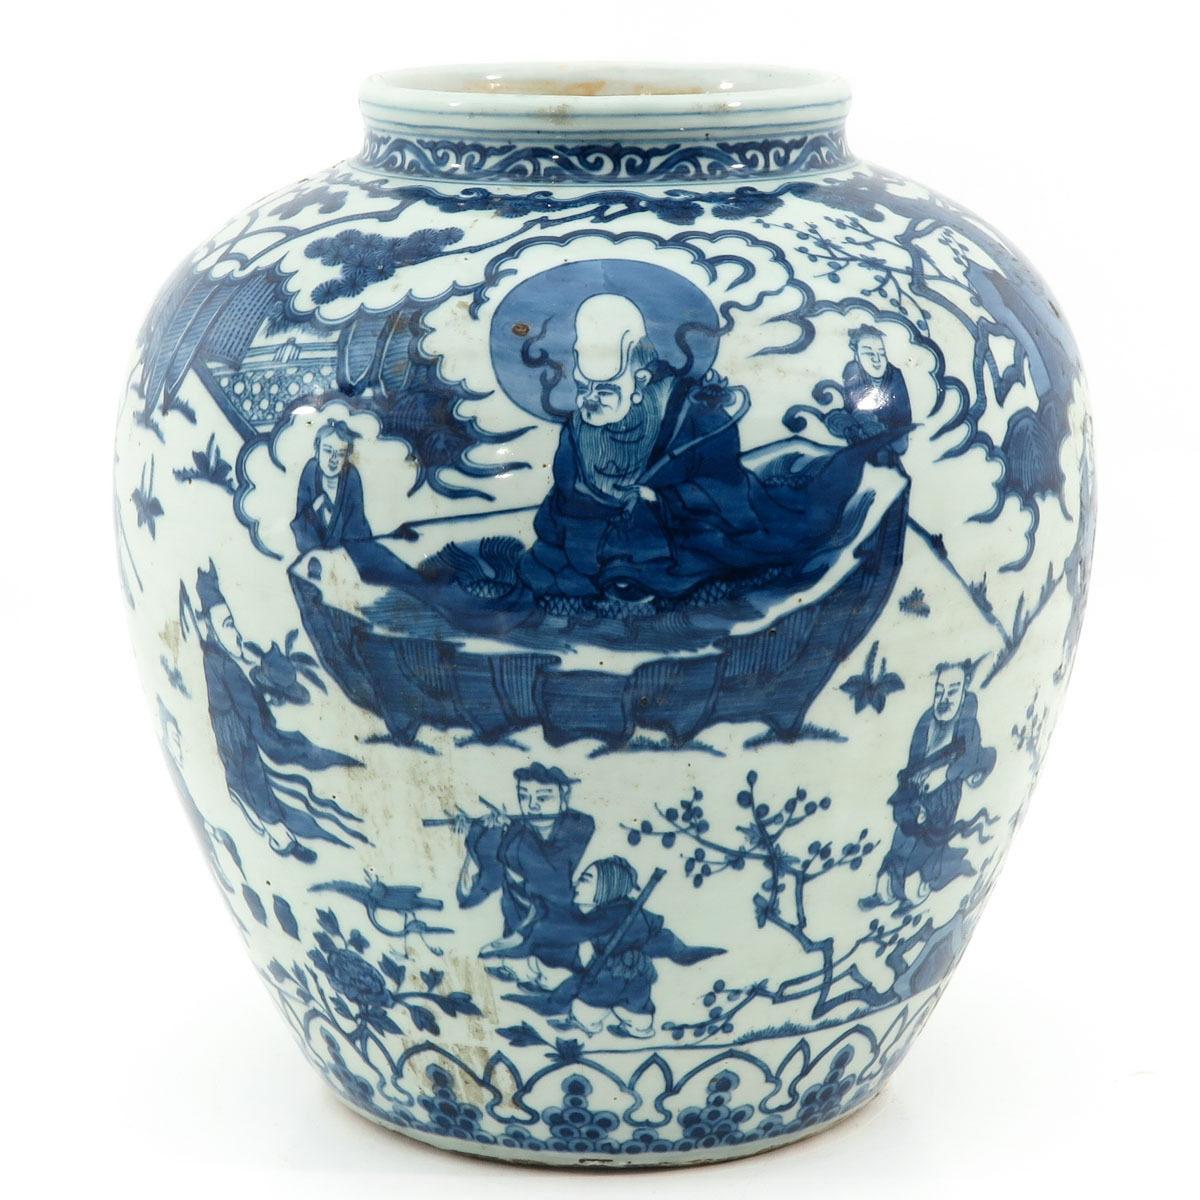 青花祝寿图的大罐